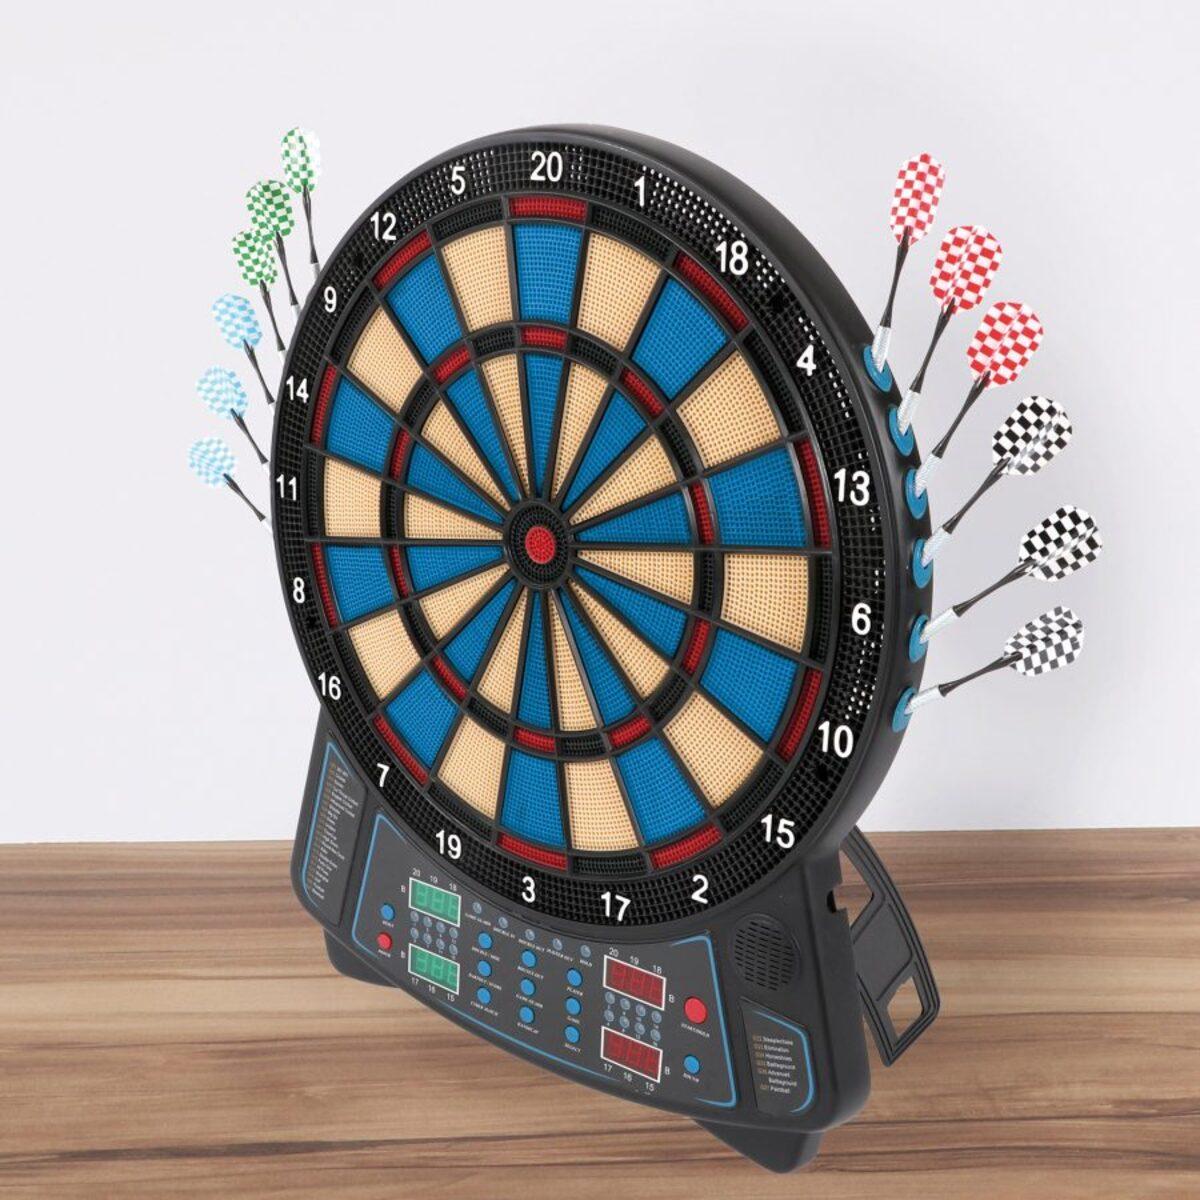 Bild 5 von ACTIVE TOUCH     Elektronisches Dart-Set